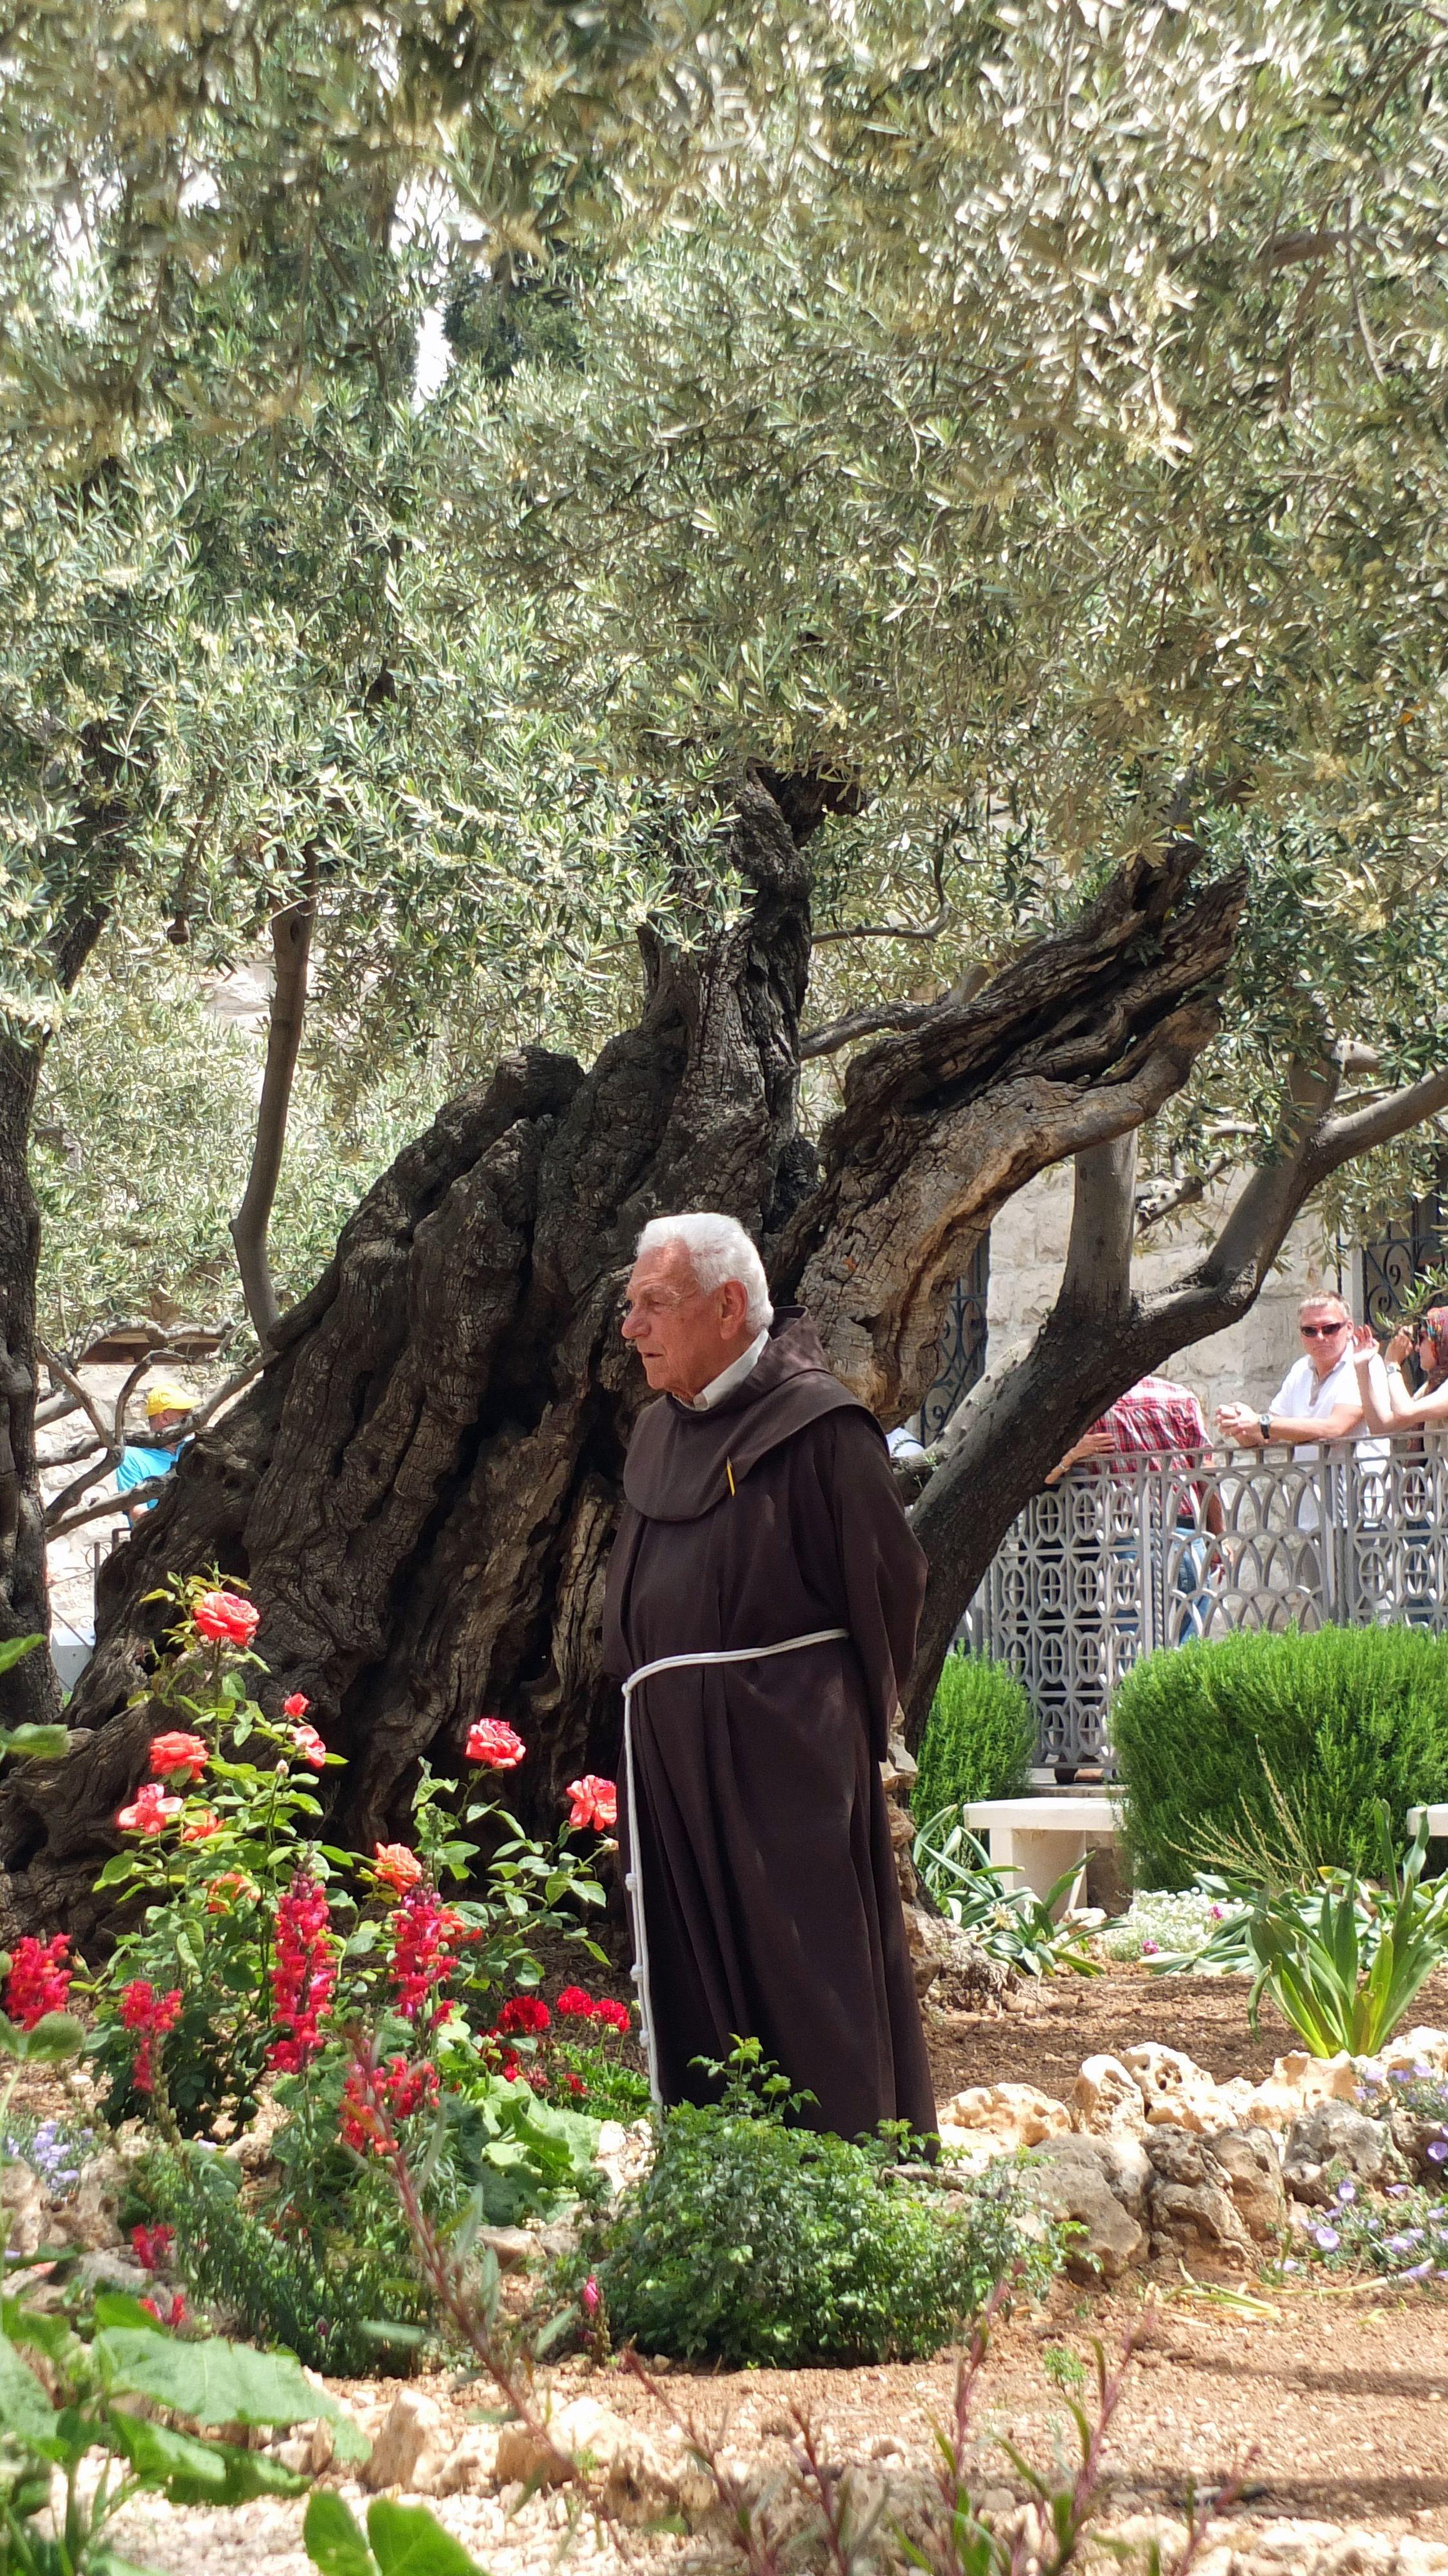 Garten Von Gethsemane Garten Gethsemane Israel Reise Studienreisen